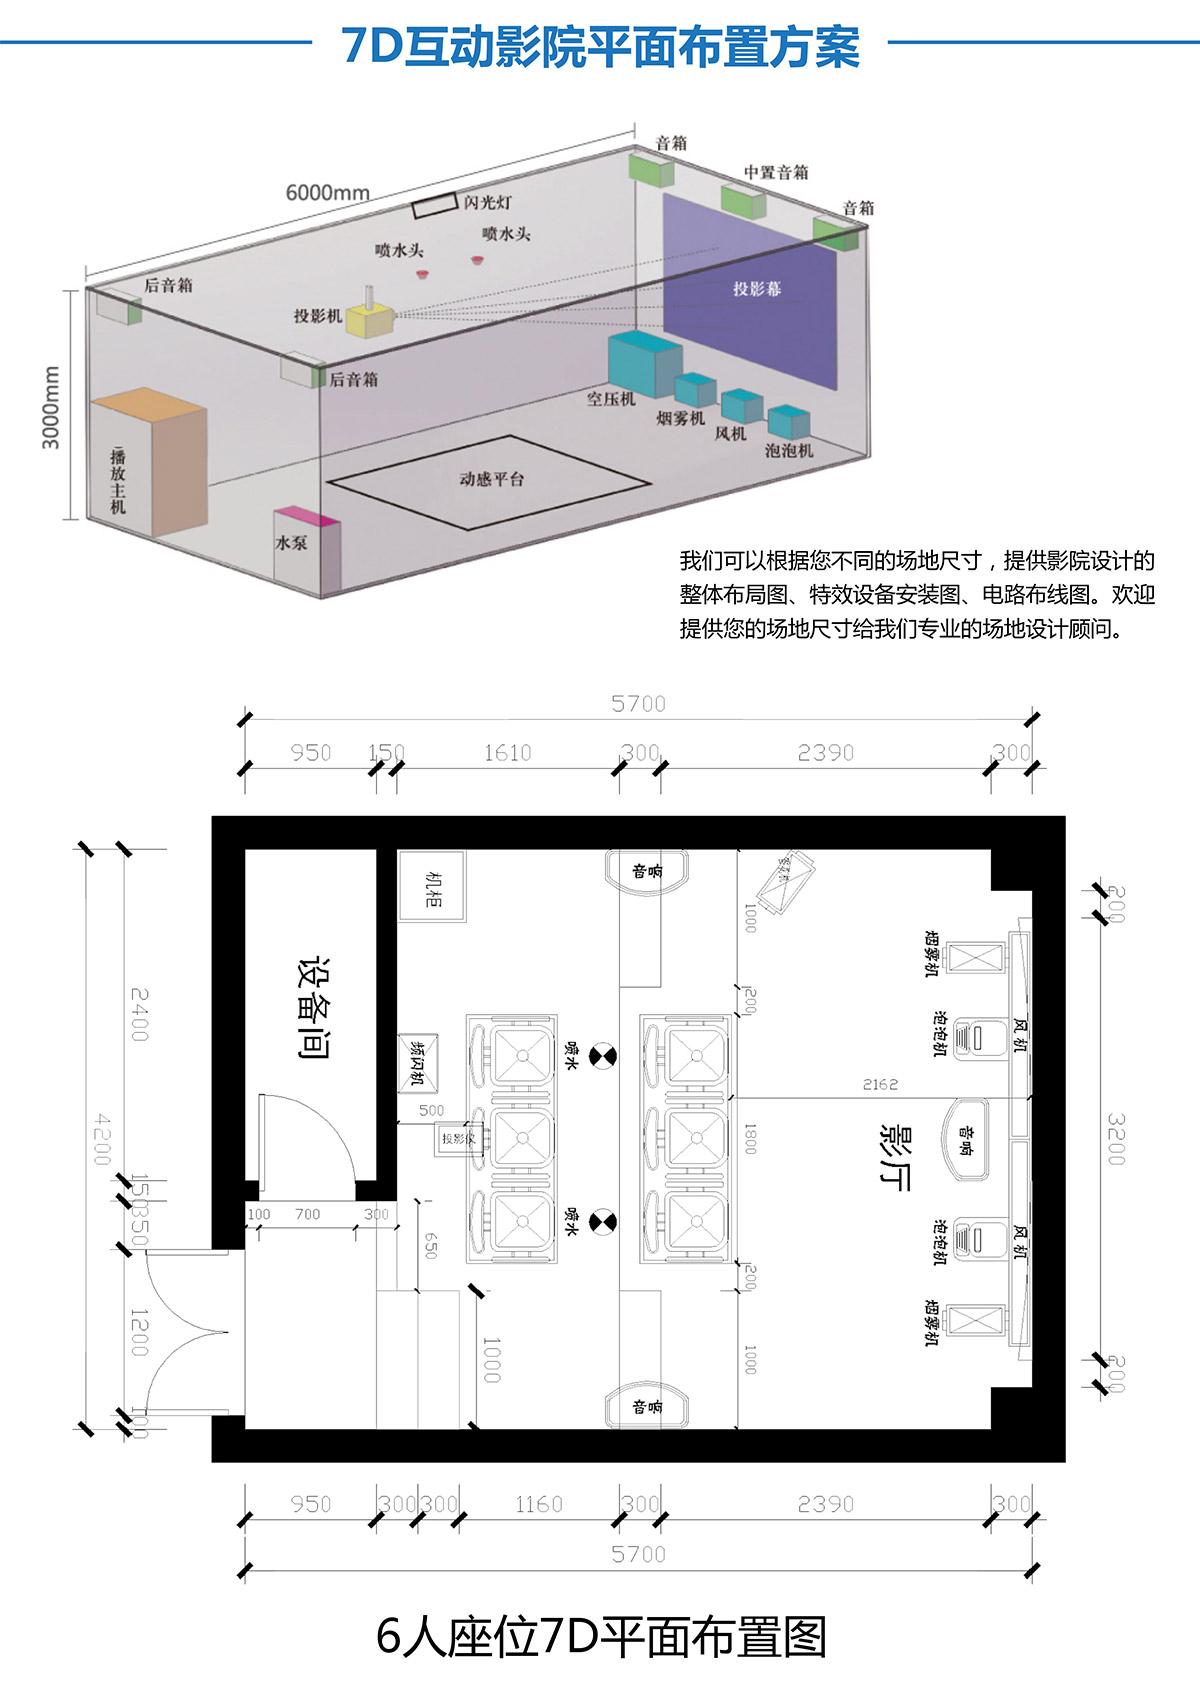 安全体验7D互动影院平面布置方案.jpg